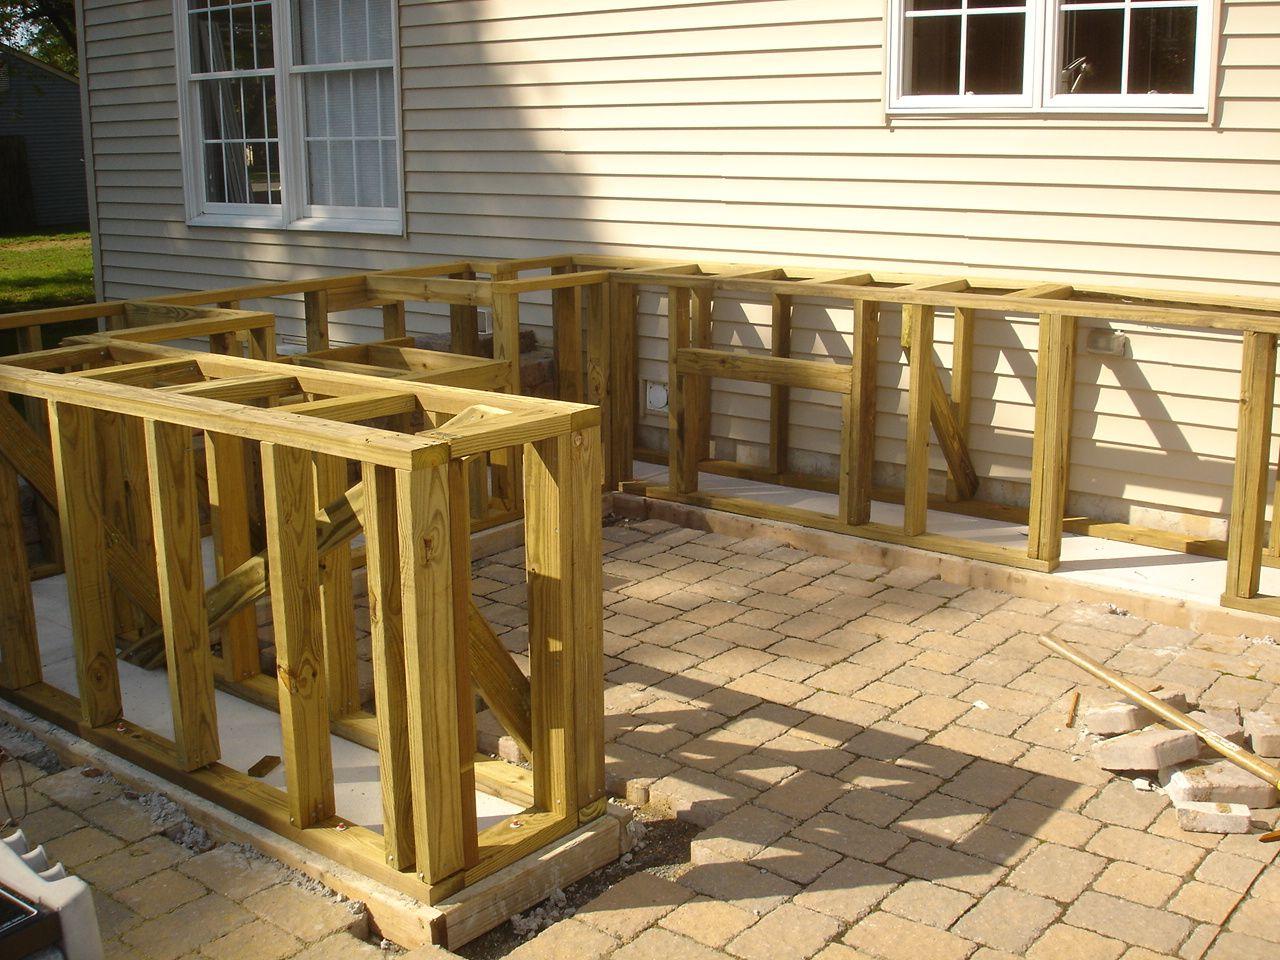 diy bar top design ideas match existing patio preparation for